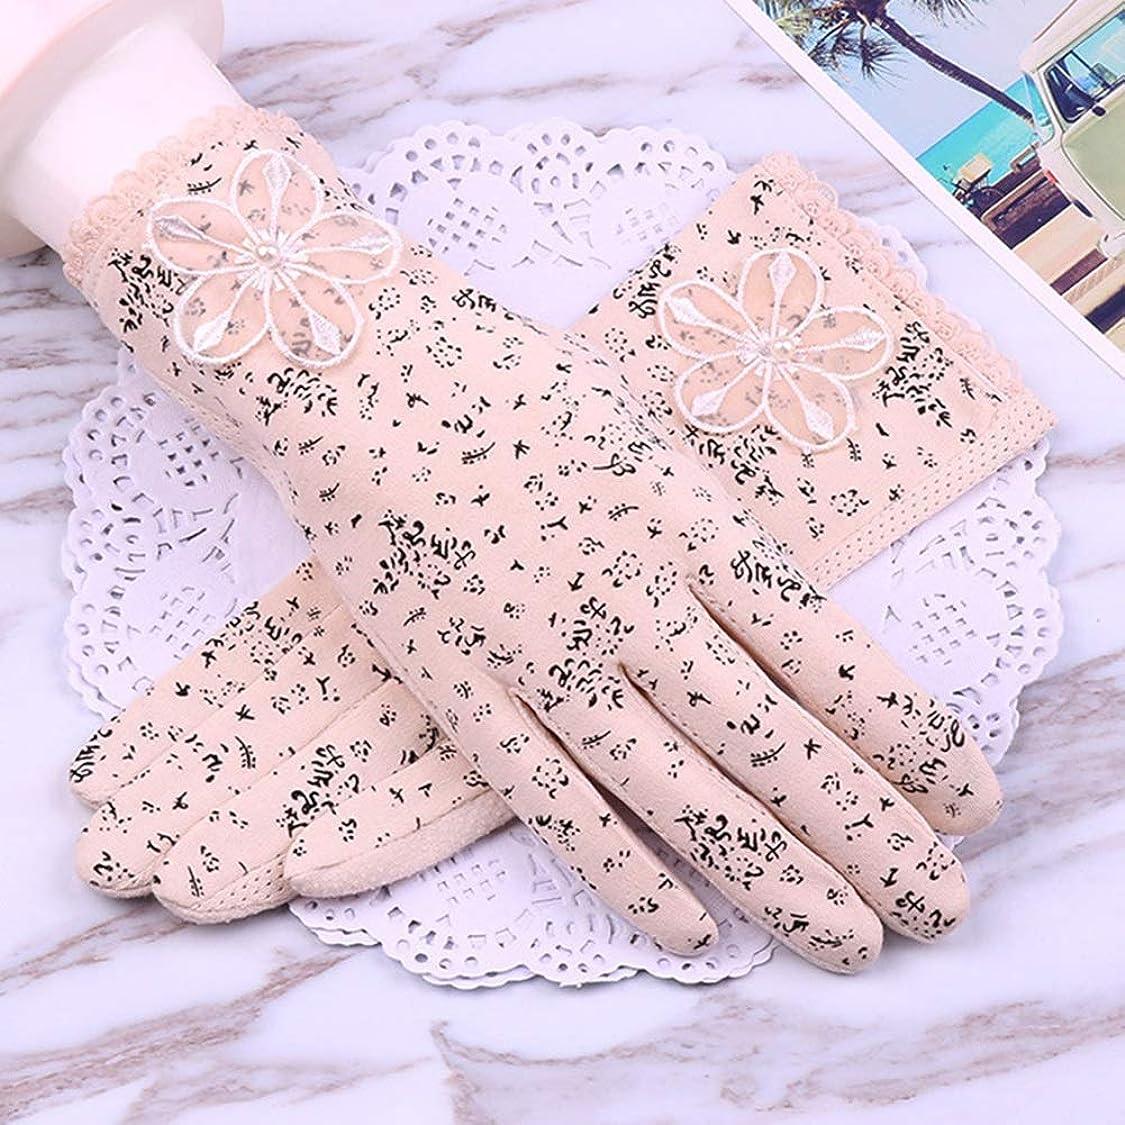 メガロポリス郡町手袋春と夏の女性の綿の日焼け止め薄いセクションシンプルな日本の運転手のひら広い粒子吸汗性通気性手袋